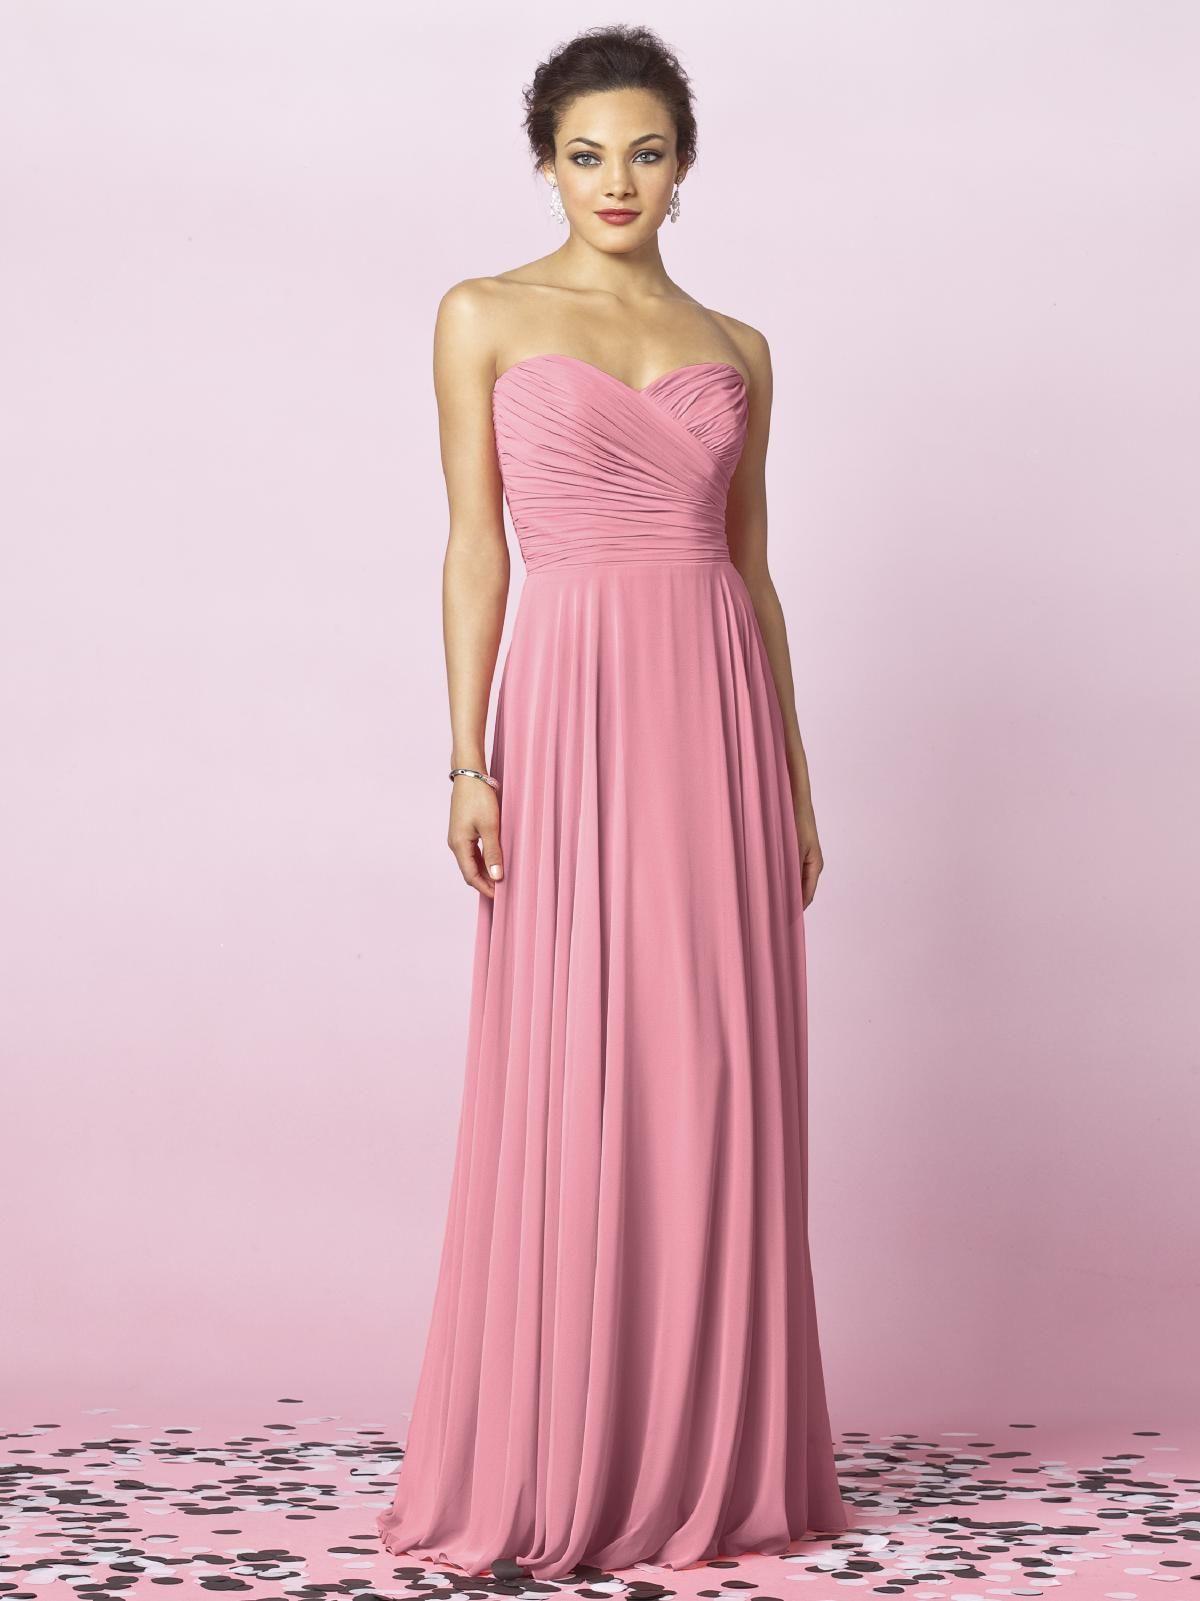 Bonito Vestidos De Dama Diseñador Del Reino Unido Patrón - Colección ...